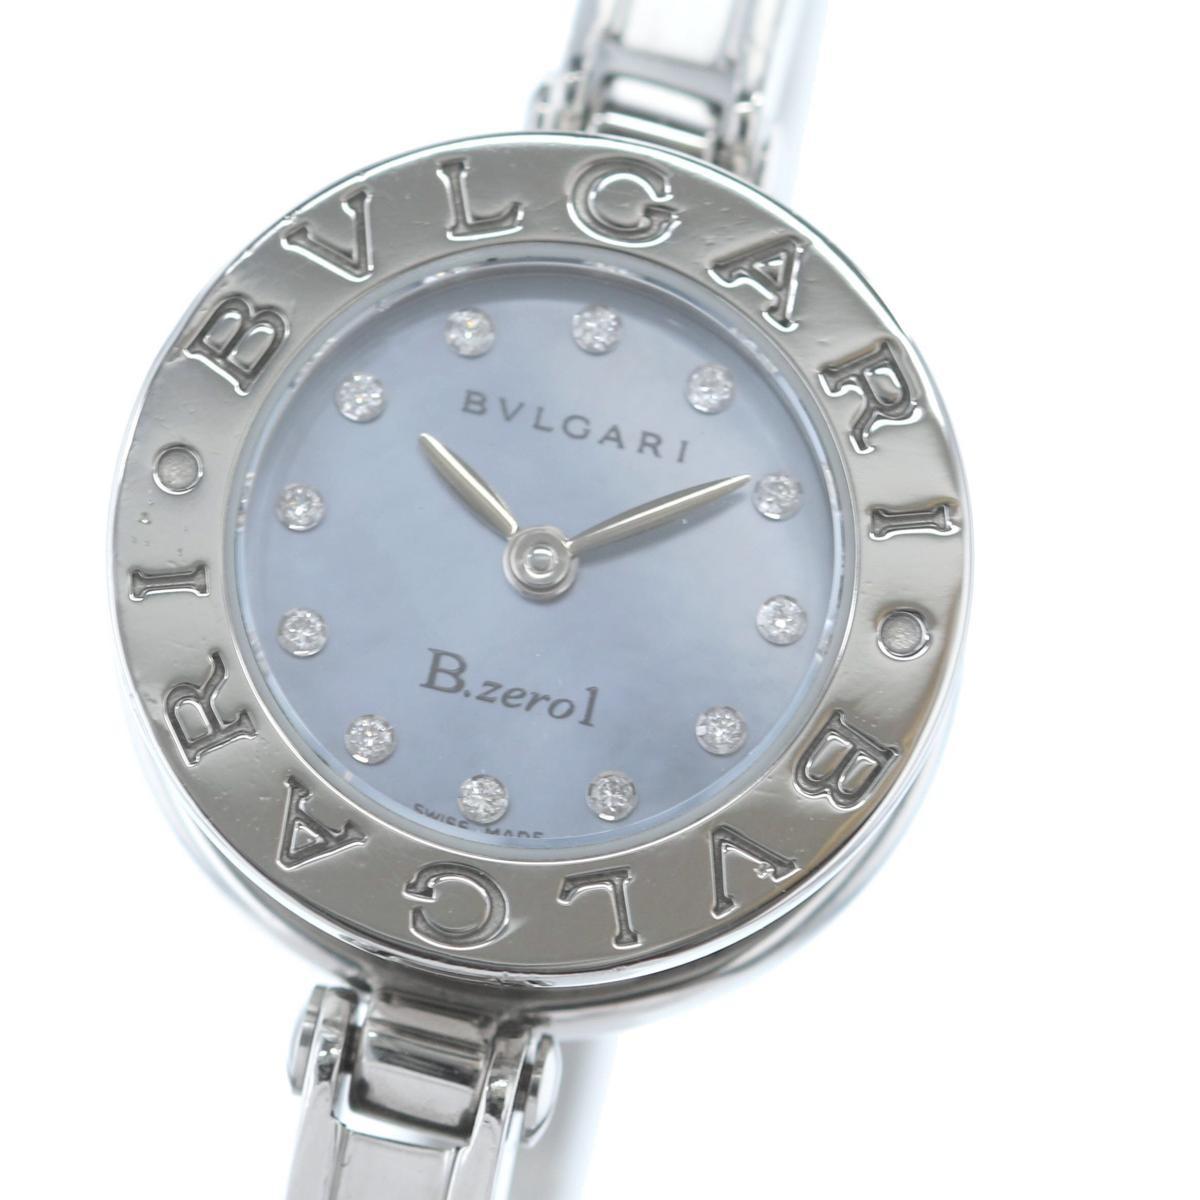 【お値下げ品】【中古】 BVLGARI (ブルガリ) B-ZERO MOP ダイヤモンド 時計 クオーツ/レディース B-zero MOP/ブルーシェル BZ22S used:A